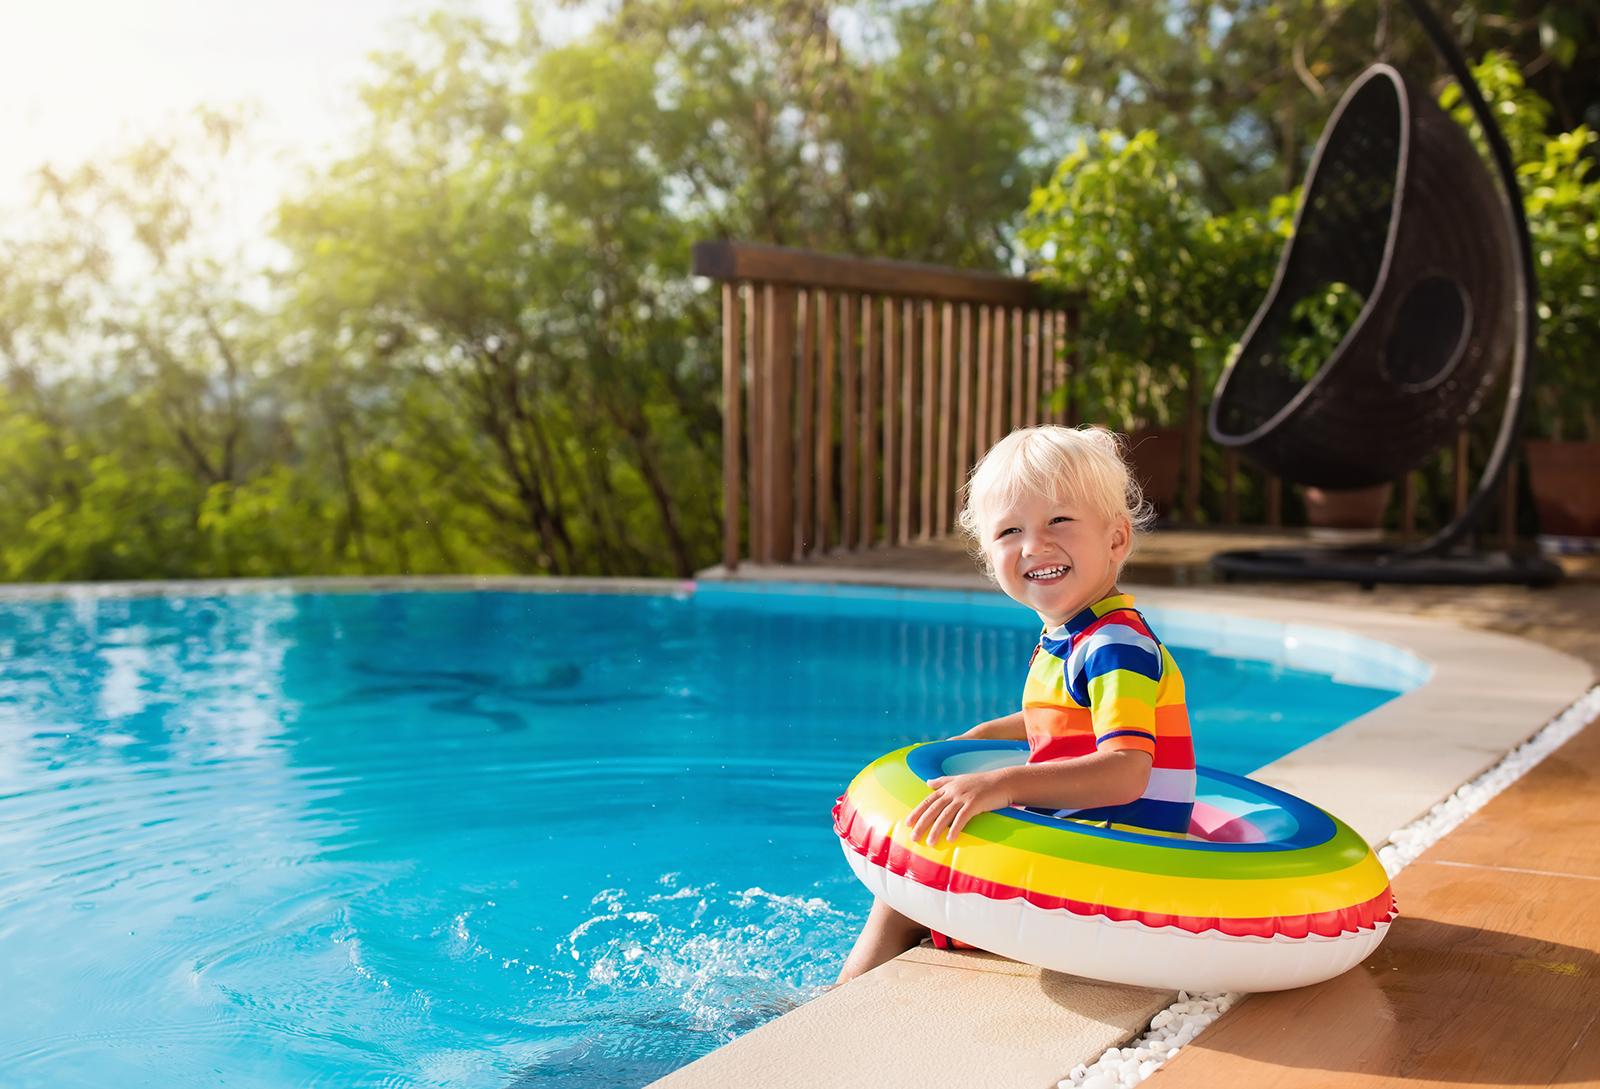 L'importance d'apprendre à nager